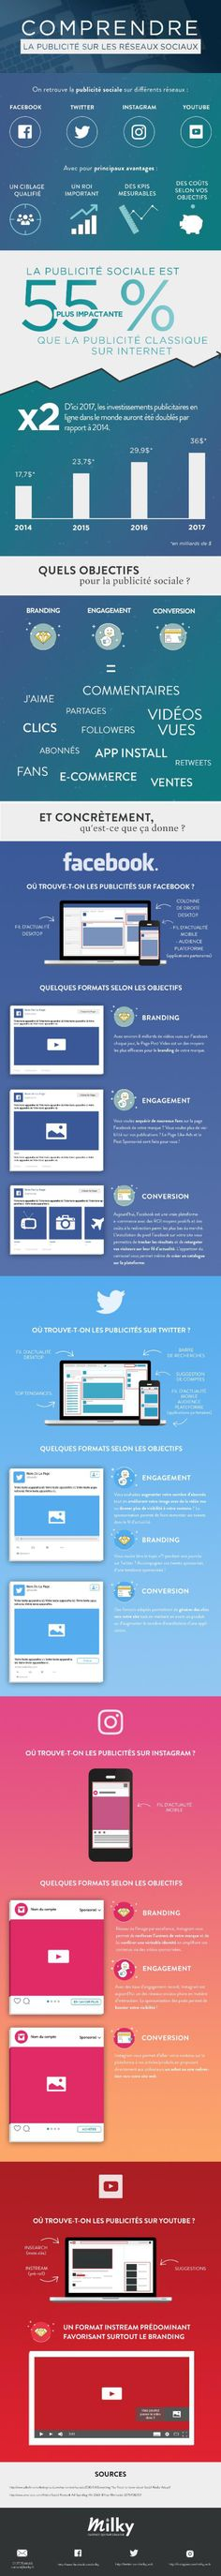 Publicité et réseaux sociaux : tout comprendre en une infographie | Comarketing-News